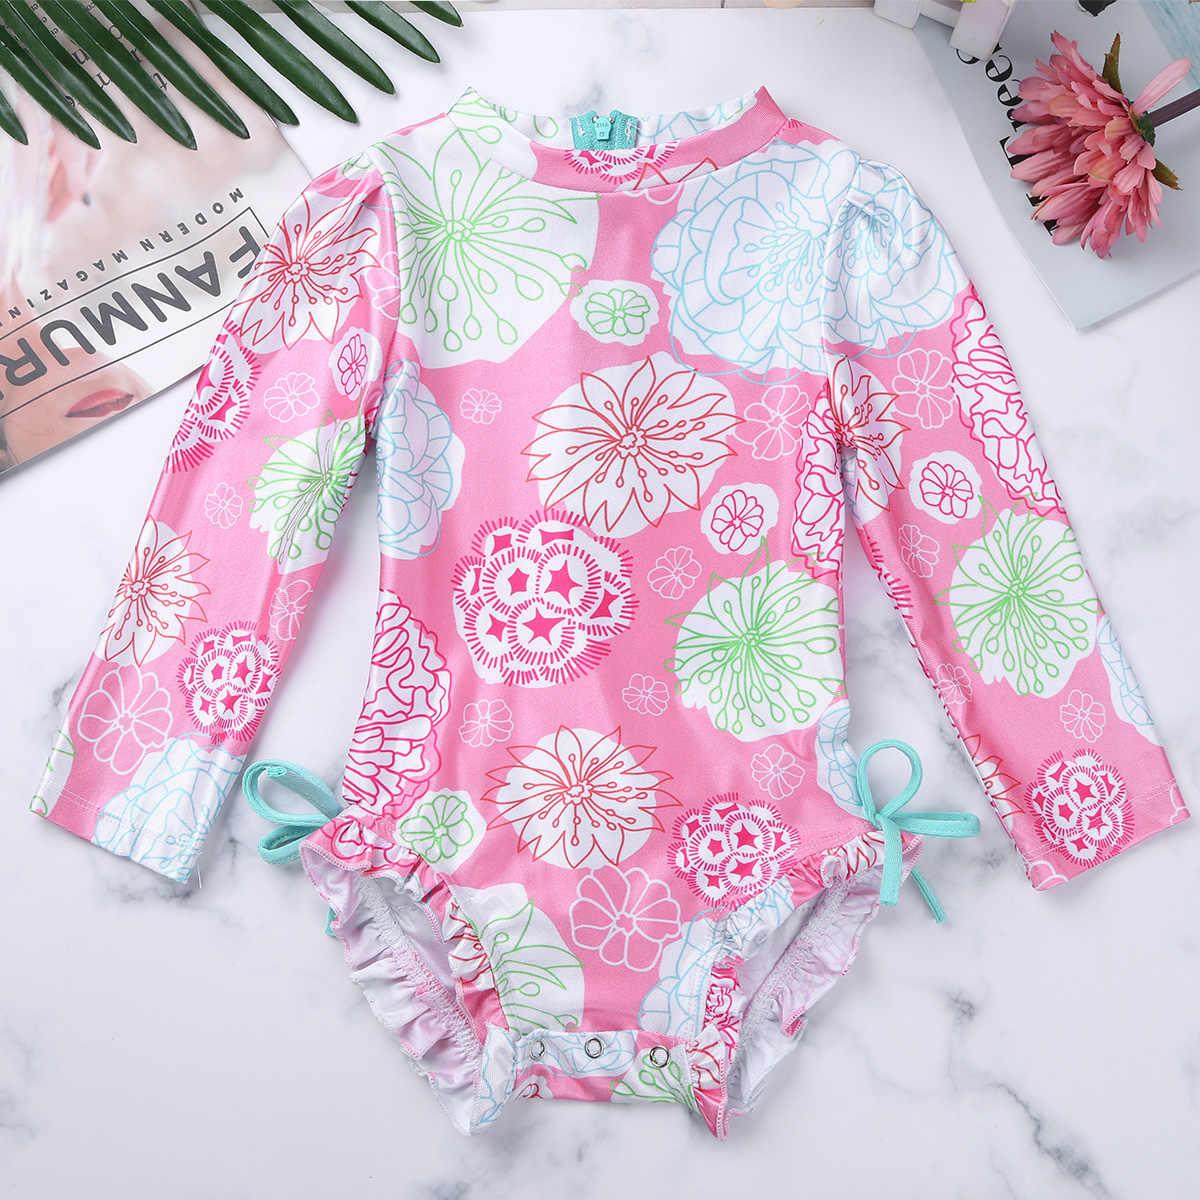 2019 боди с длинным рукавом для маленьких девочек, детский купальник, Цельный купальник с цветочным принтом, на молнии, с оборками, купальный костюм